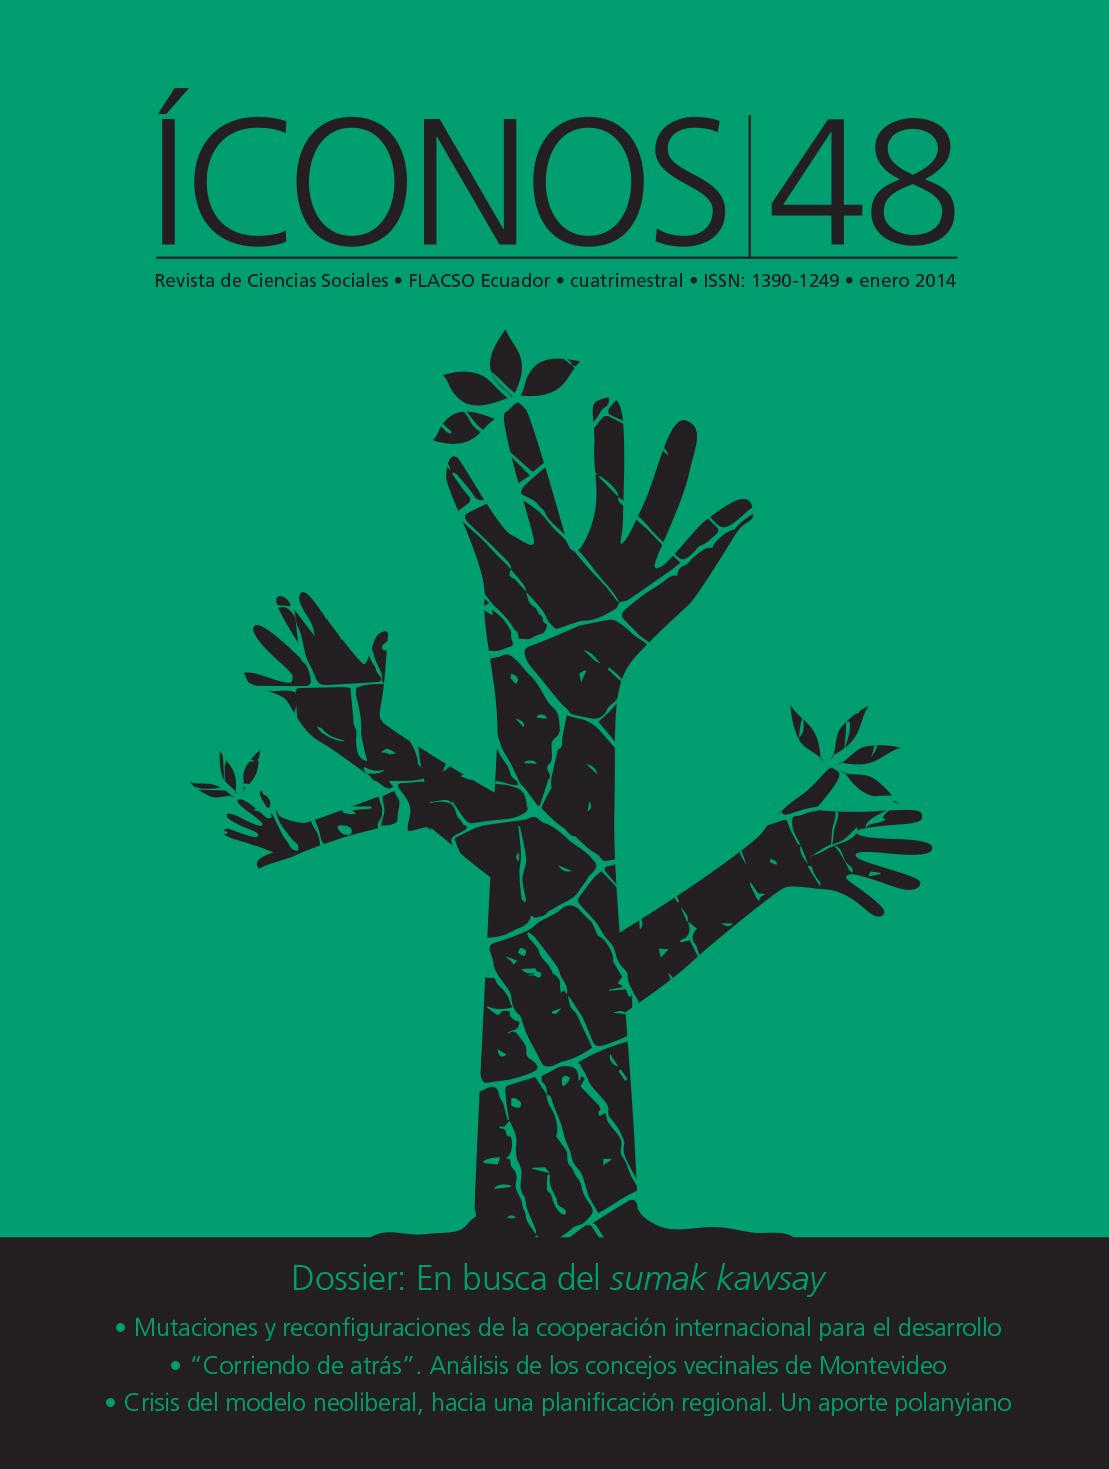 Íconos. Revista de Ciencias Sociales No. 48.  En busca del sumak kawsay